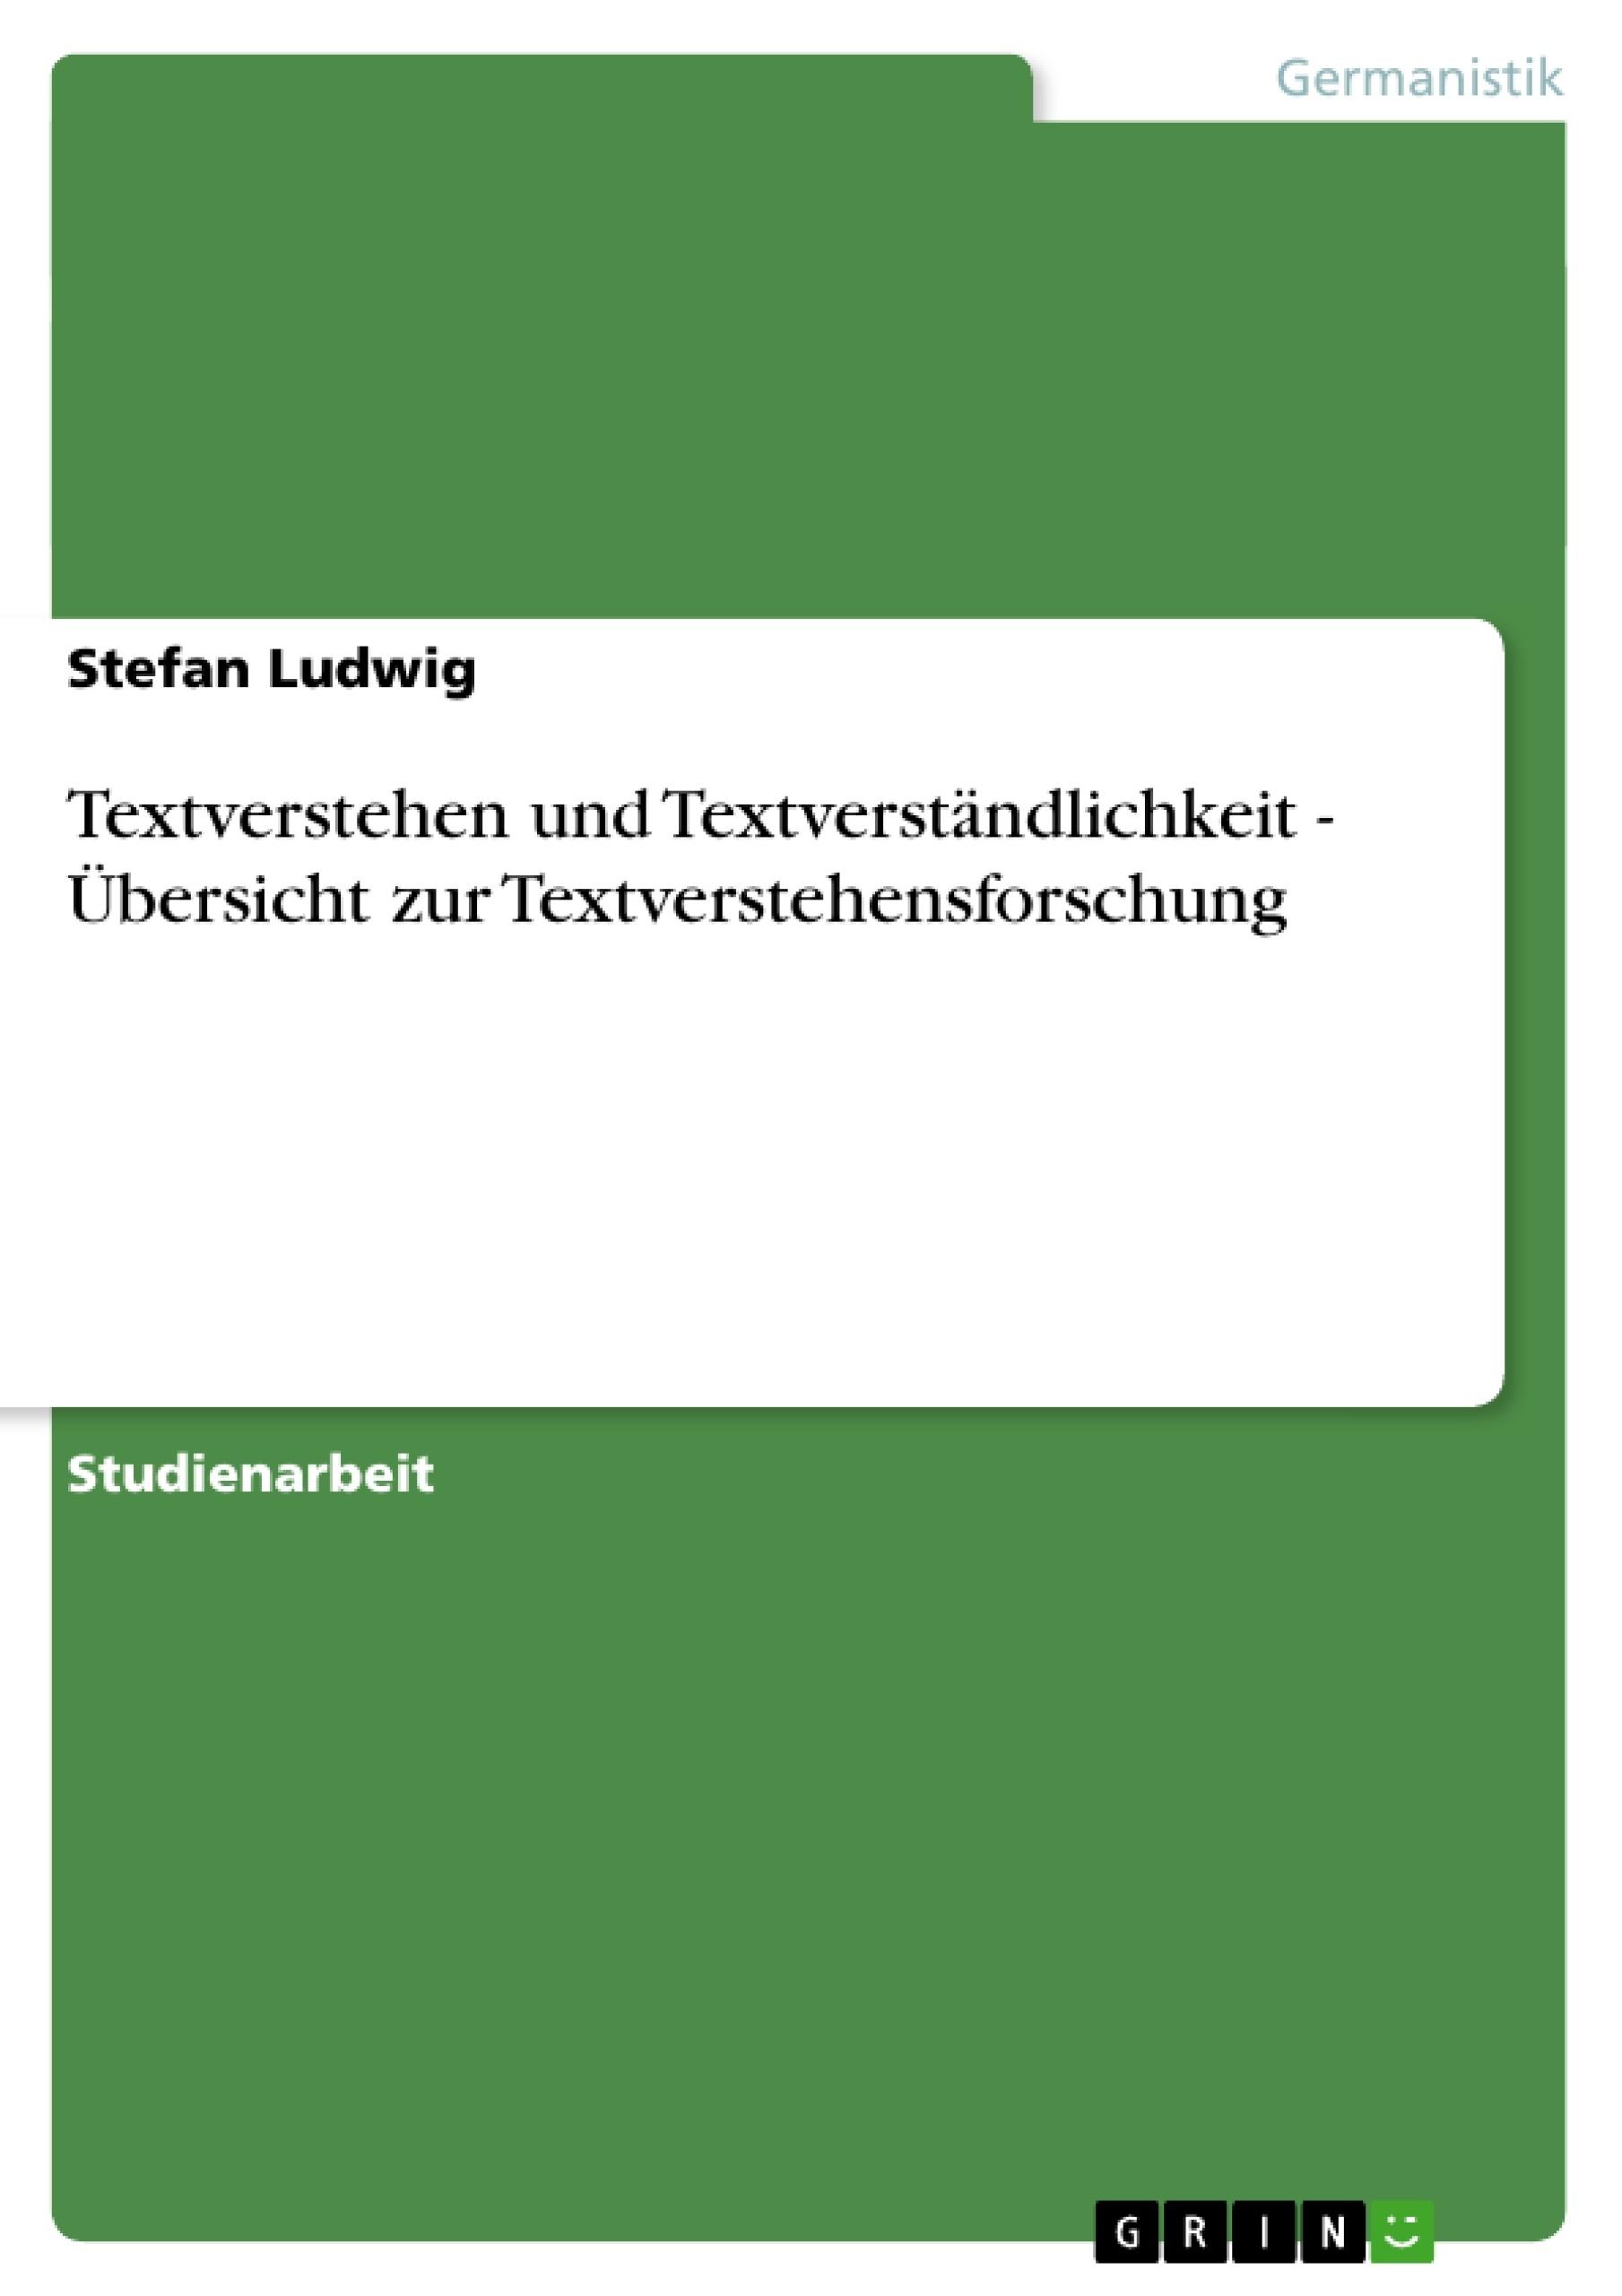 Titel: Textverstehen und Textverständlichkeit - Übersicht zur Textverstehensforschung